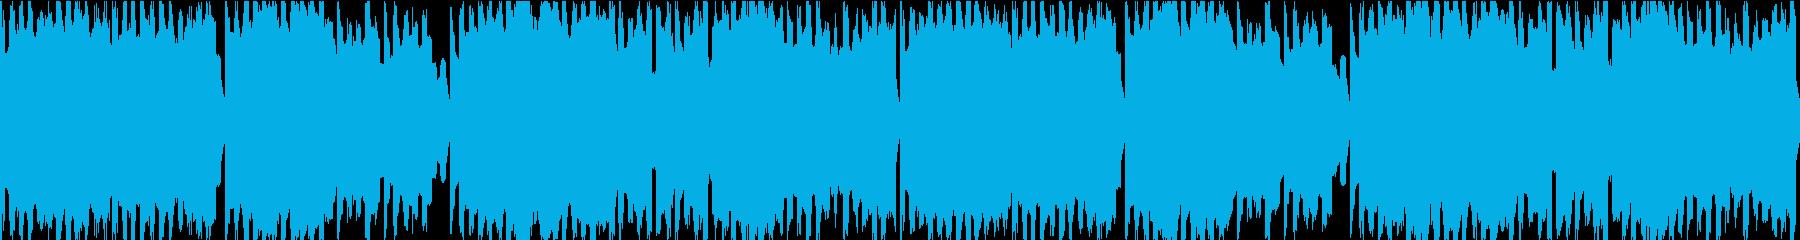 FC風ループ 地平線への再生済みの波形